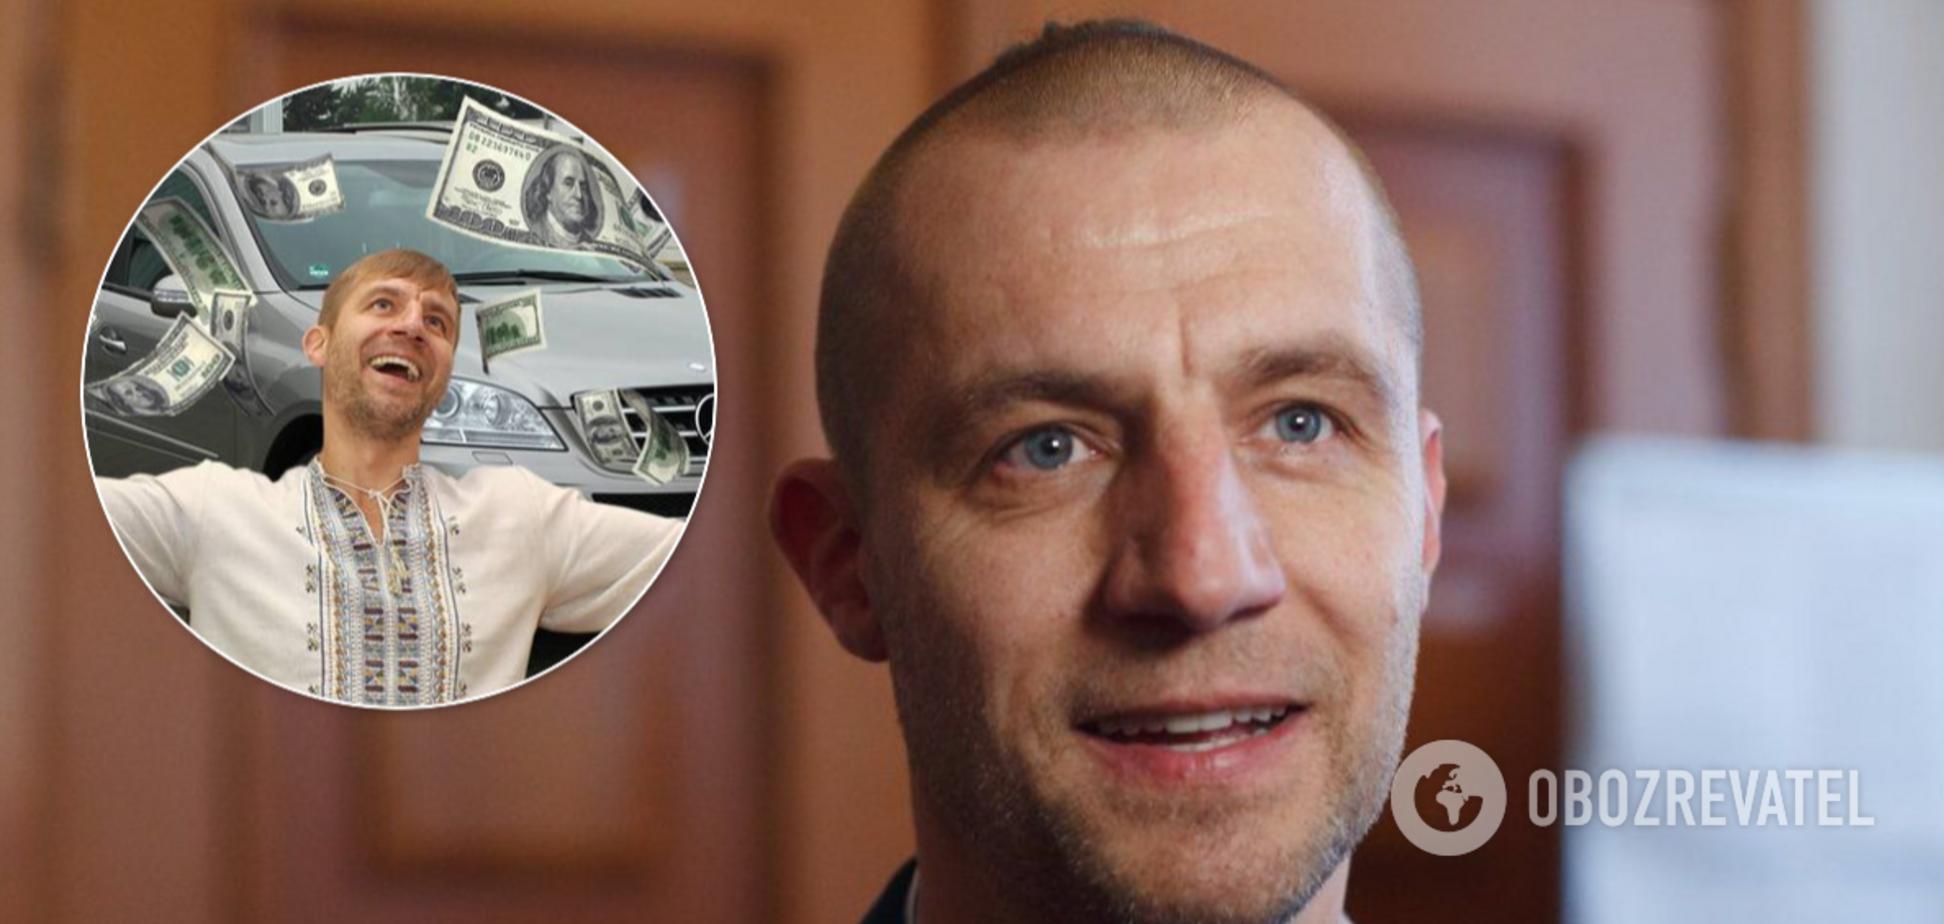 Михайло Гаврилюк працює таксистом у Києві